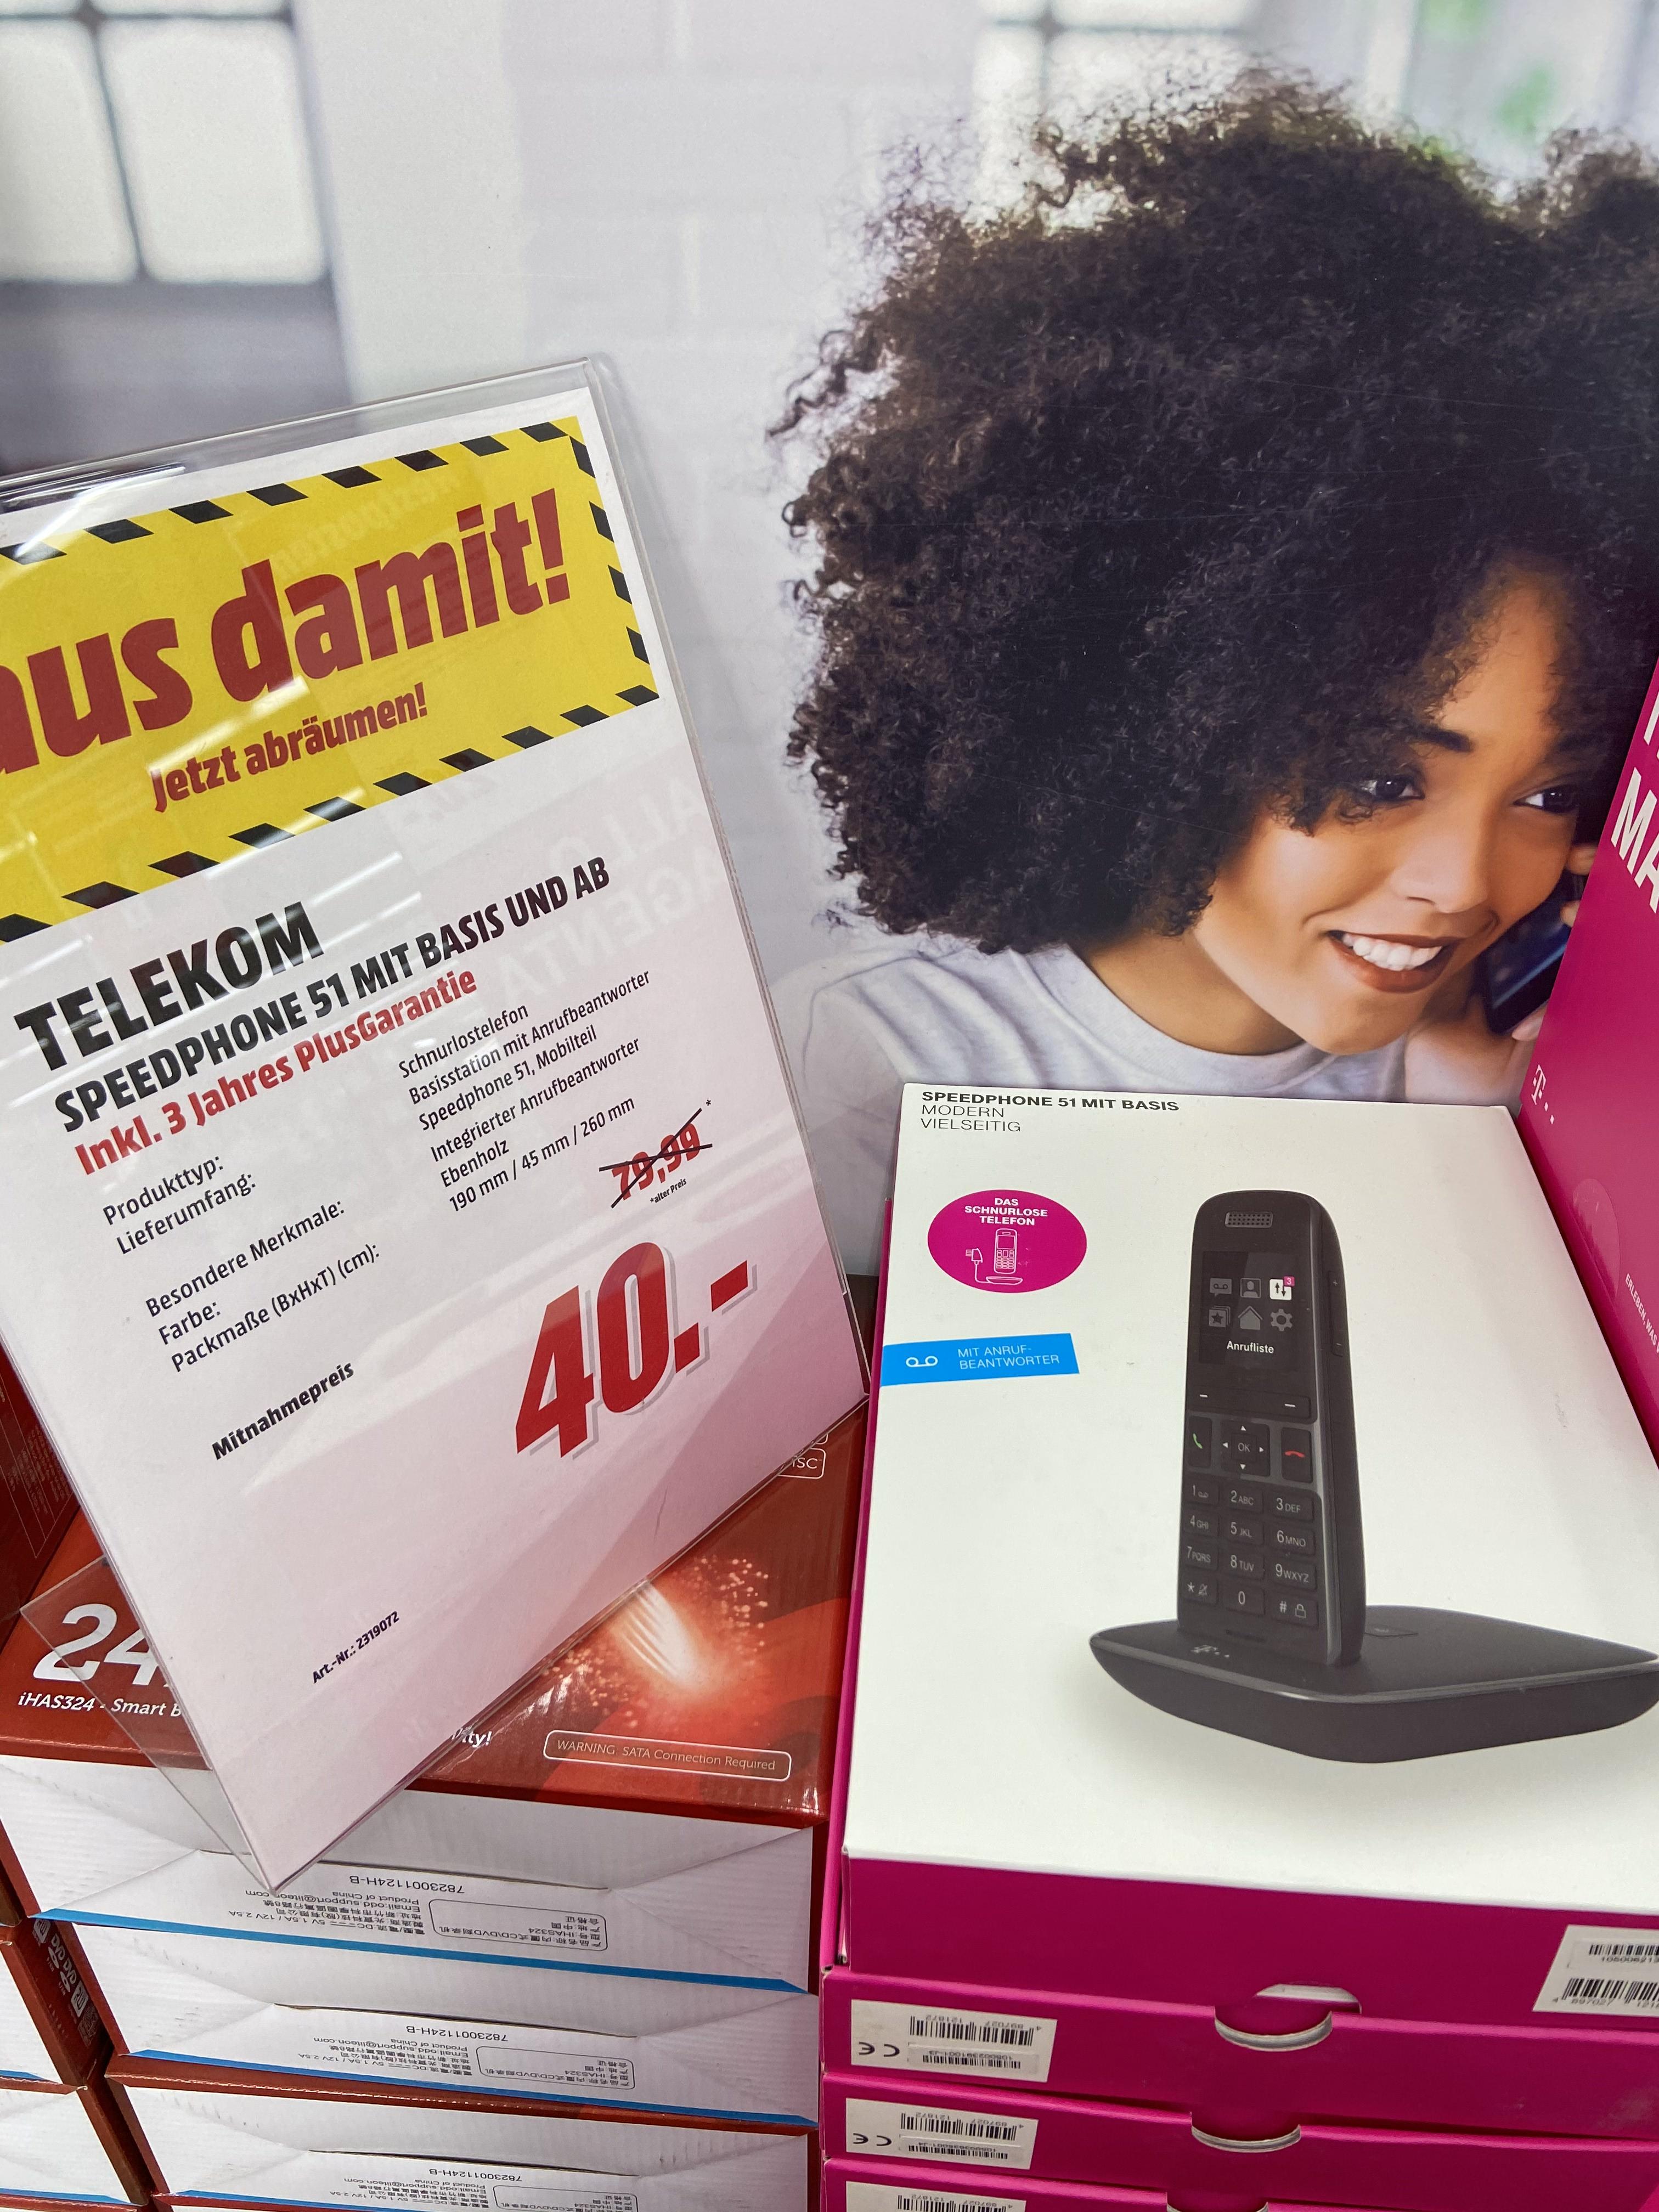 Lokal MEDIA MARKT in EMMENDINGEN - Telekom Speedphone 51 mit Basis und Anrufbeantworter